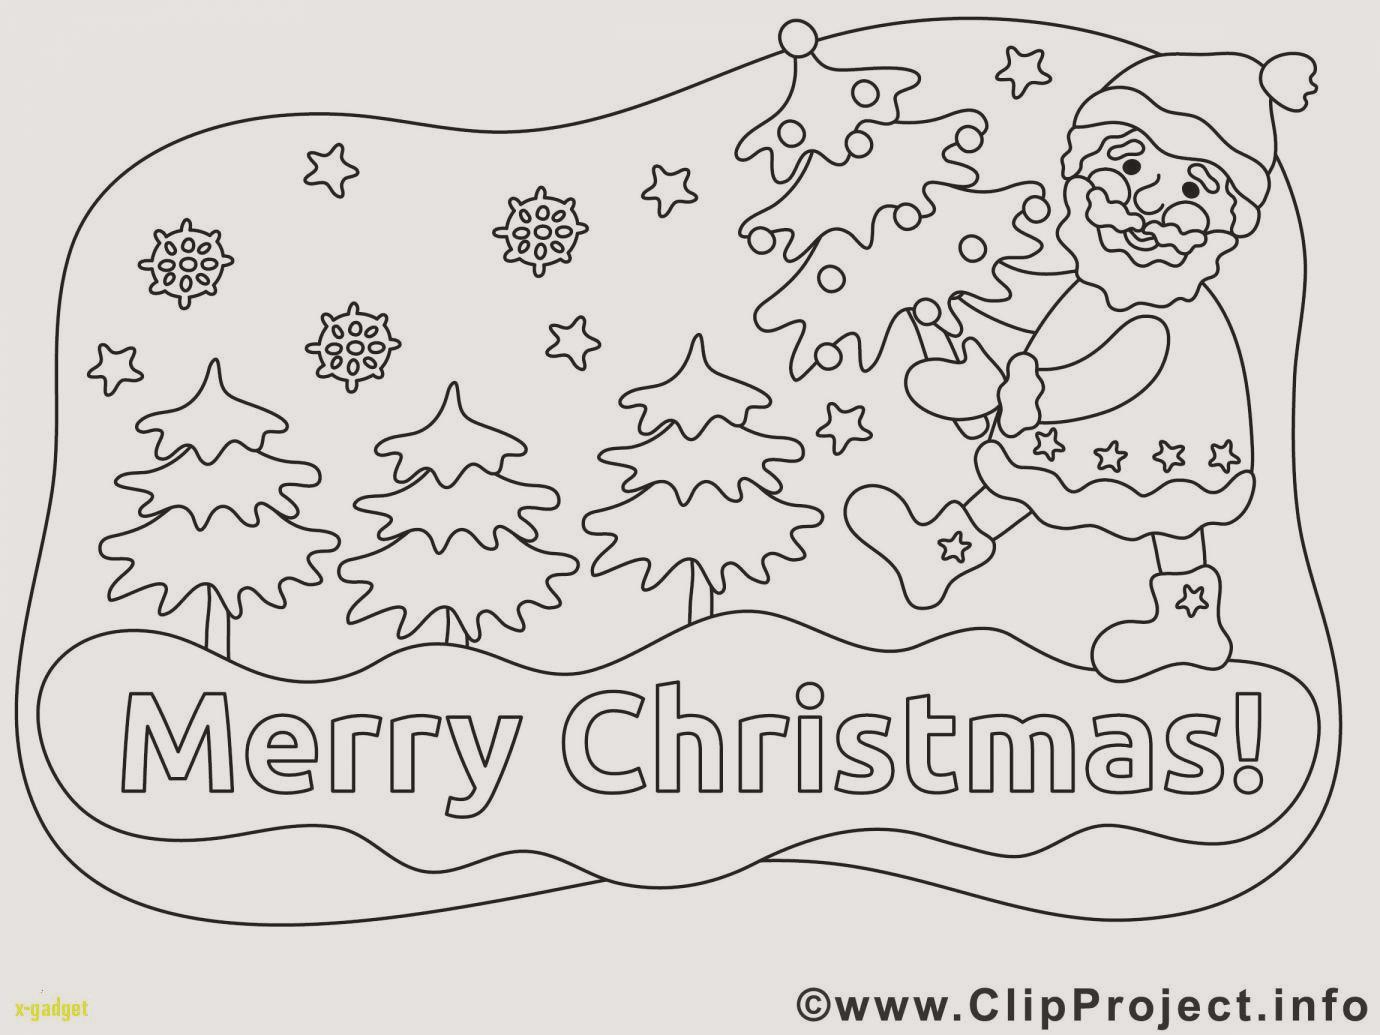 Ausmalbild Weihnachten Bilder Zum Ausmalen Inspirierend 30 Frisch Ausmalbilder Weihnachten Geschenke Ausdrucken Sammlung